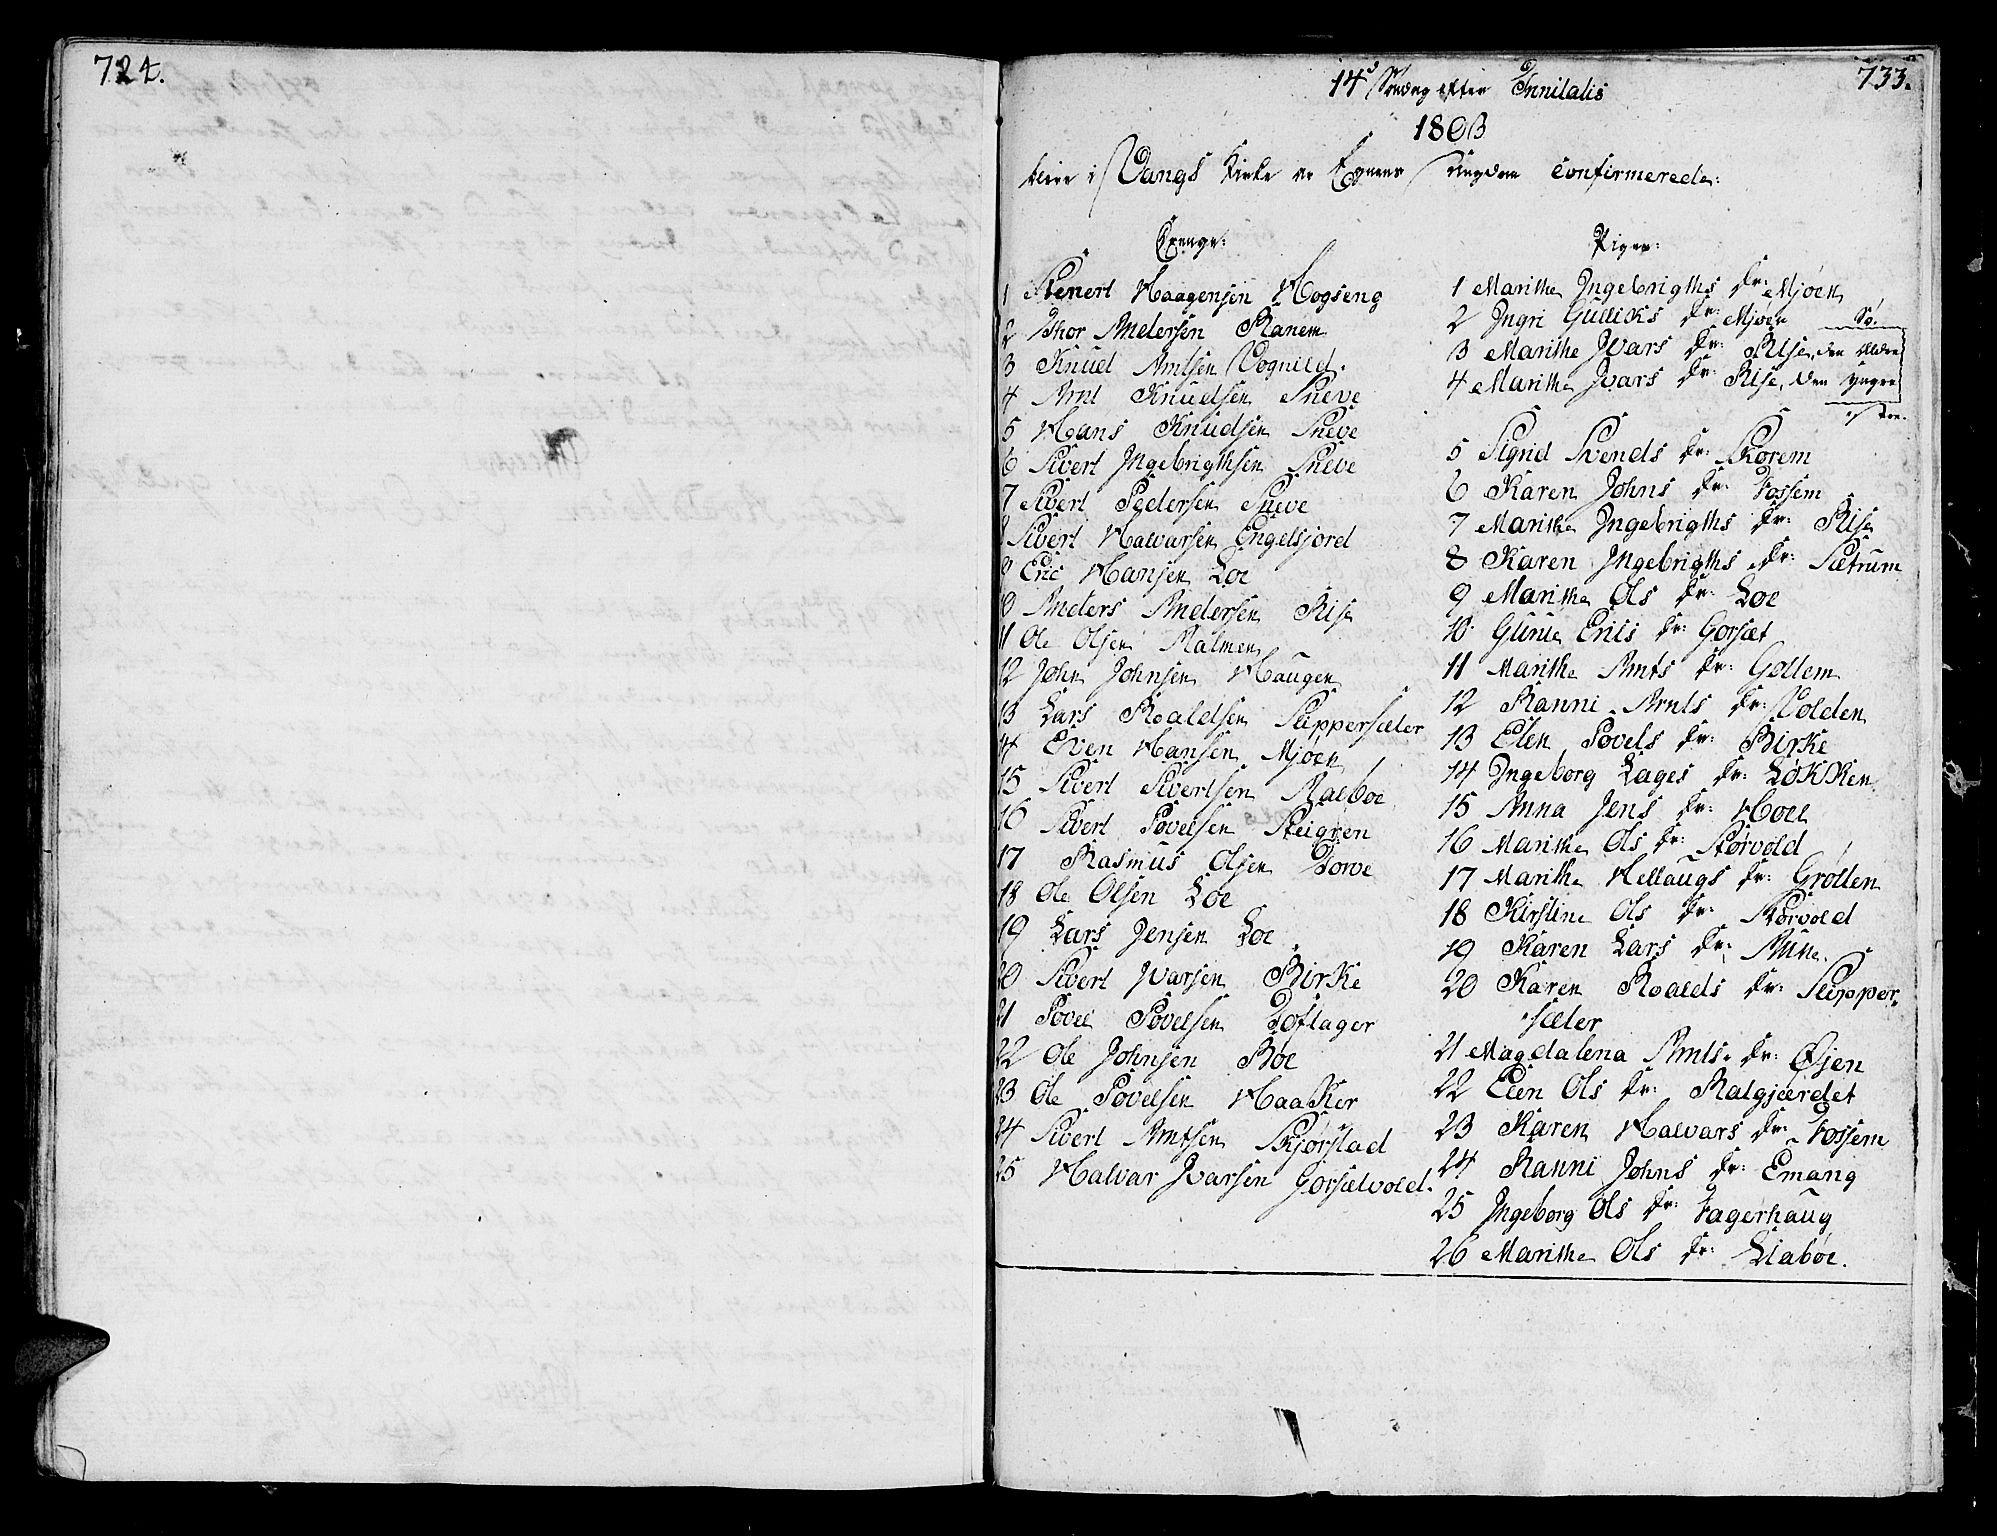 SAT, Ministerialprotokoller, klokkerbøker og fødselsregistre - Sør-Trøndelag, 678/L0893: Ministerialbok nr. 678A03, 1792-1805, s. 724-733